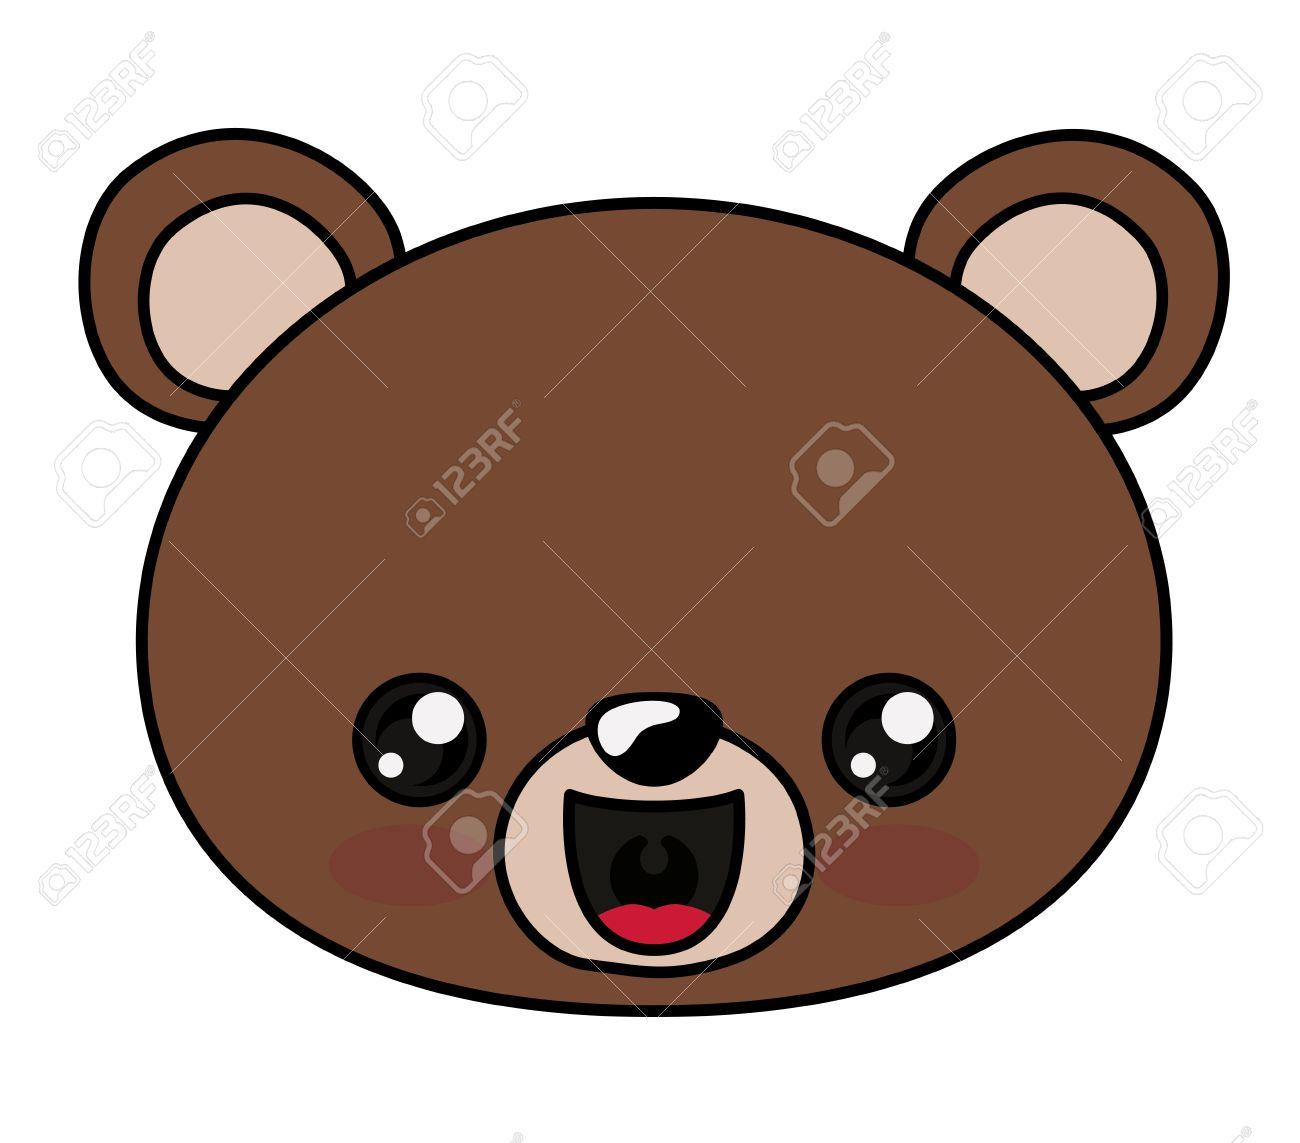 bear with kawaii face icon cute animal cartoon and character rh 123rf com cartoon bear face clipart cartoon bear face pictures